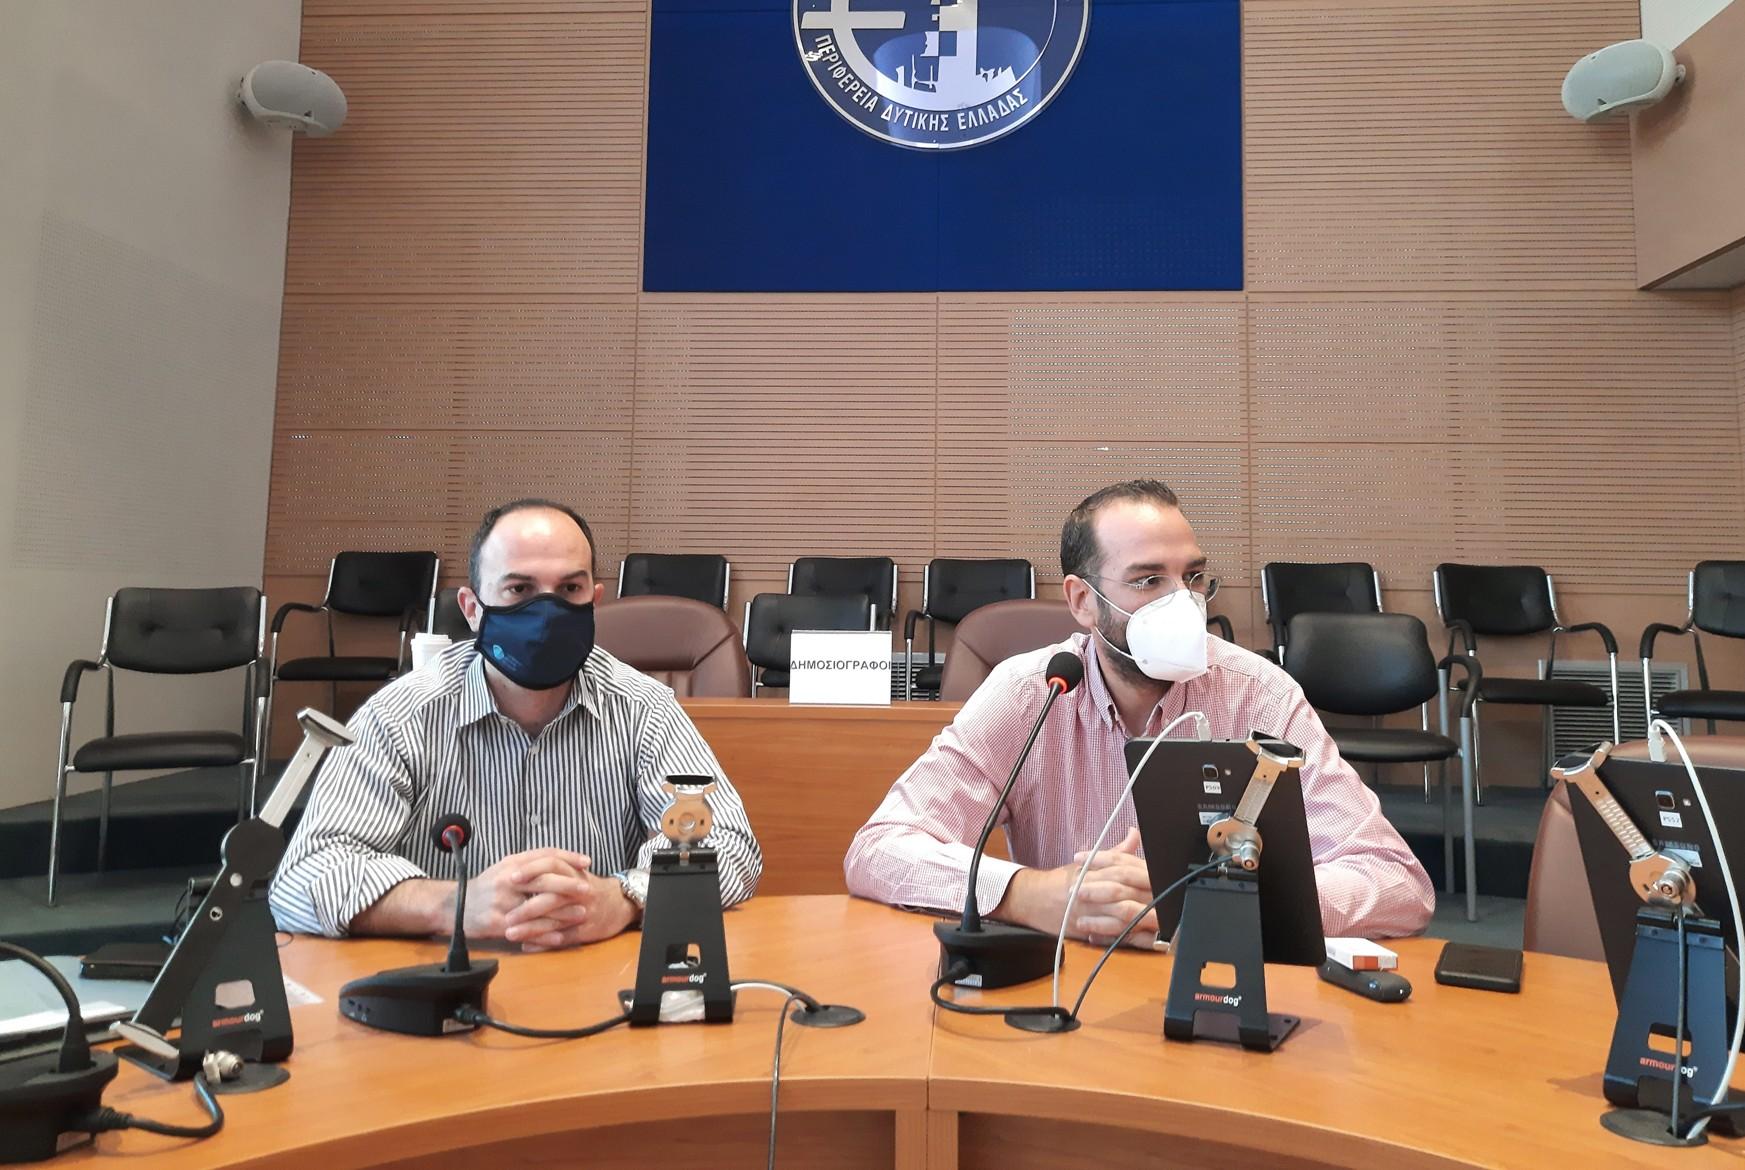 ΠΔΕ: Πραγματικότητα και οι επτά ενεργειακές κοινότητες της Δυτικής Ελλάδας! (photos)